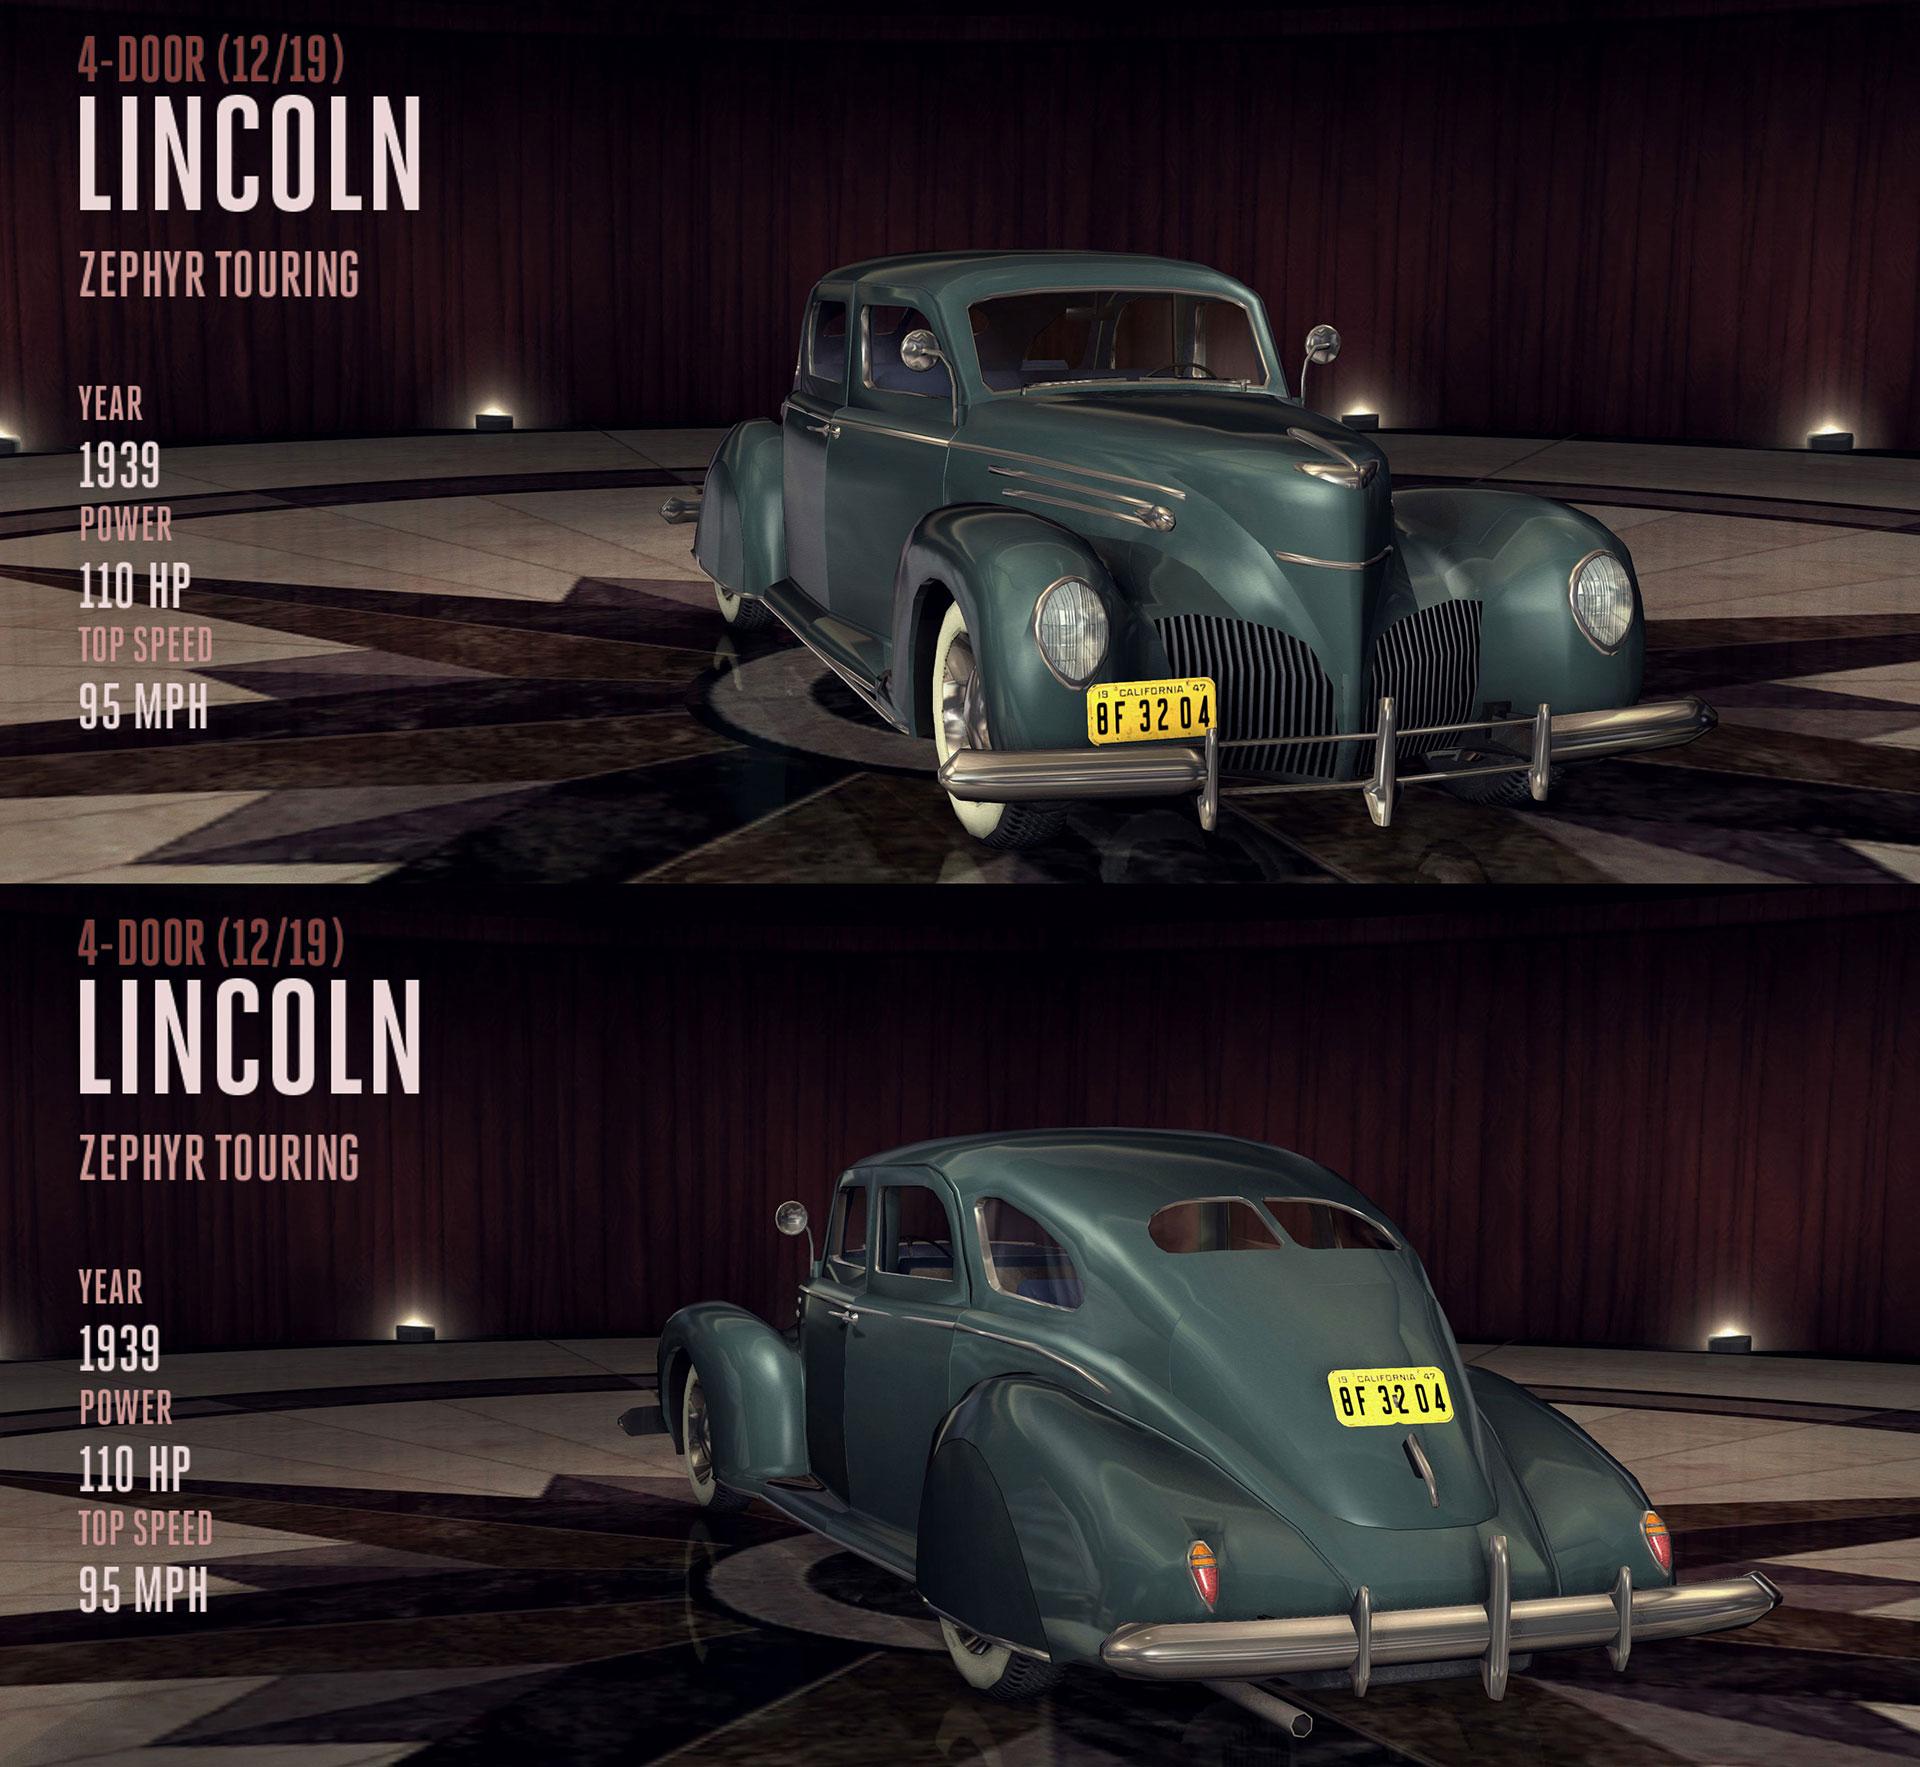 File:1939-lincoln-zephyr-touring.jpg